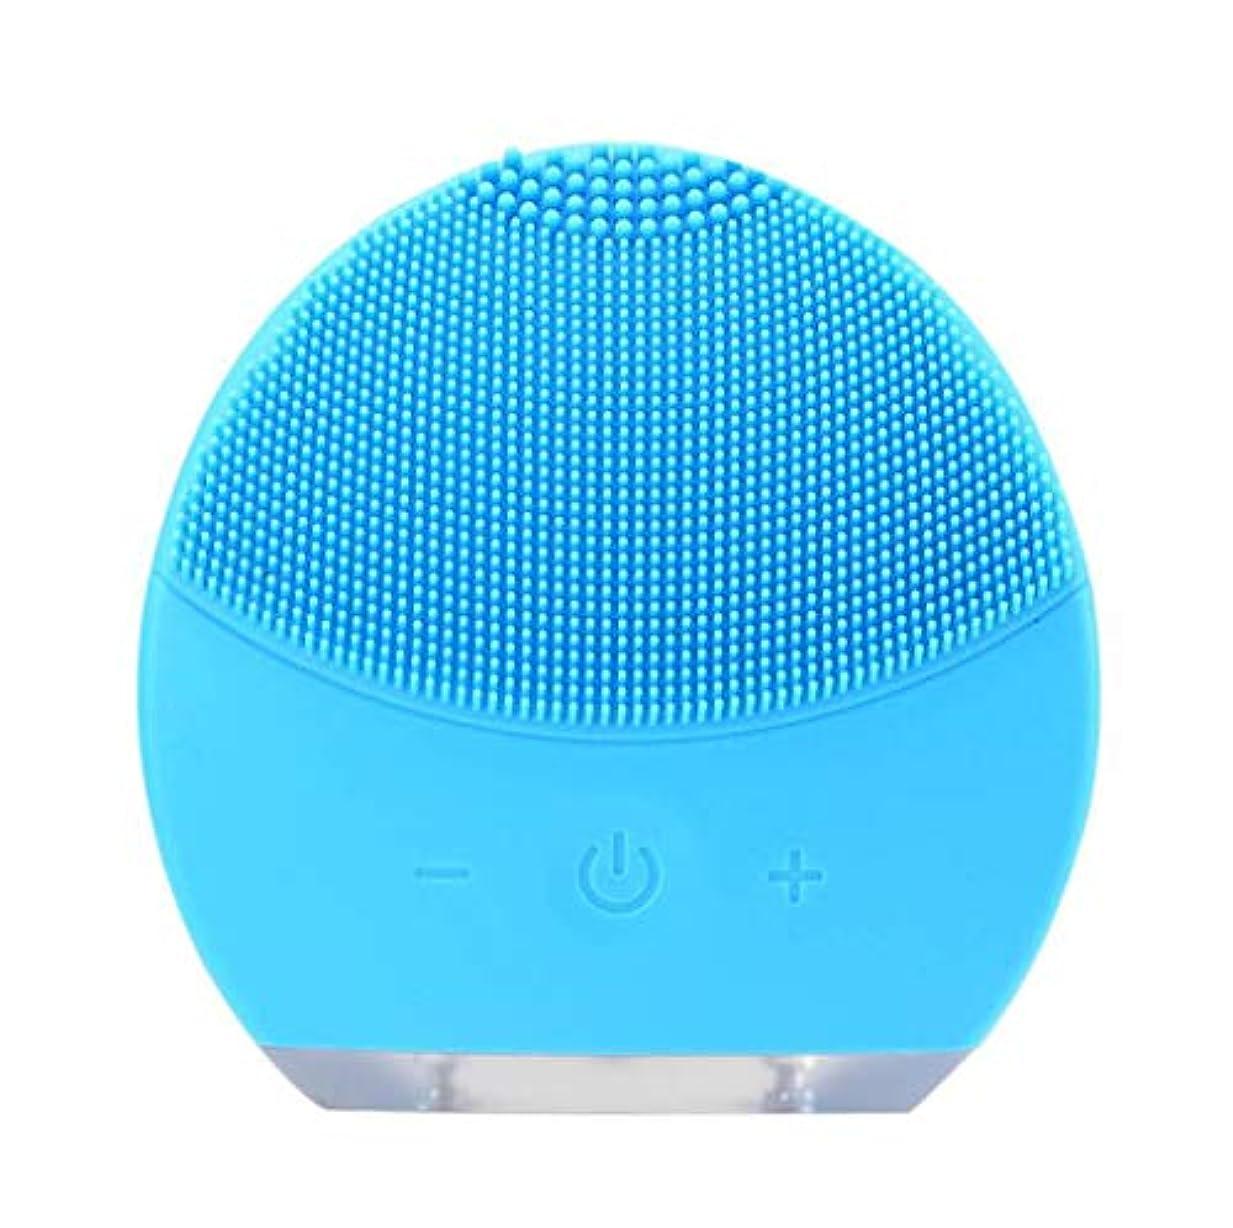 超音波振動美容機器洗浄器、皮膚の毛穴を最小限に抑えるマイクロダーマブレーション毛穴、USB 充電と防水,Blue